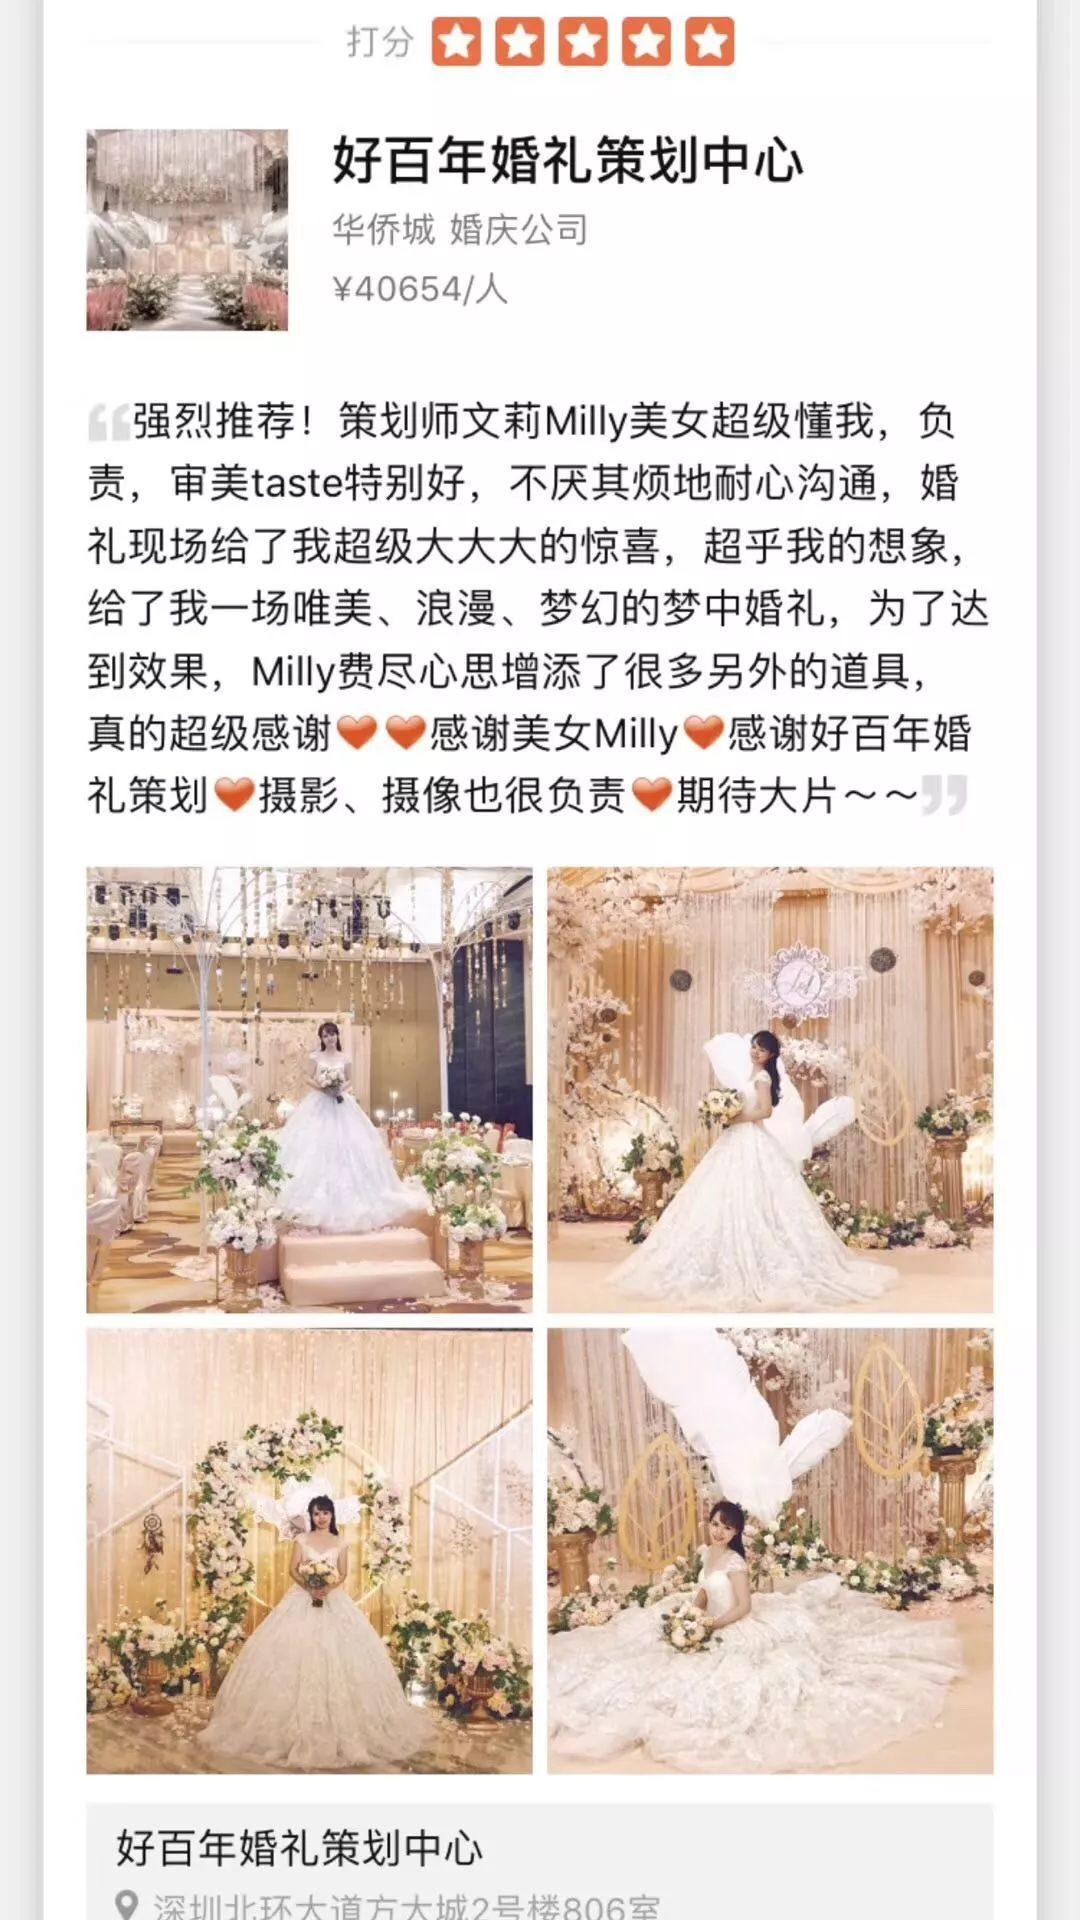 深圳婚庆公司